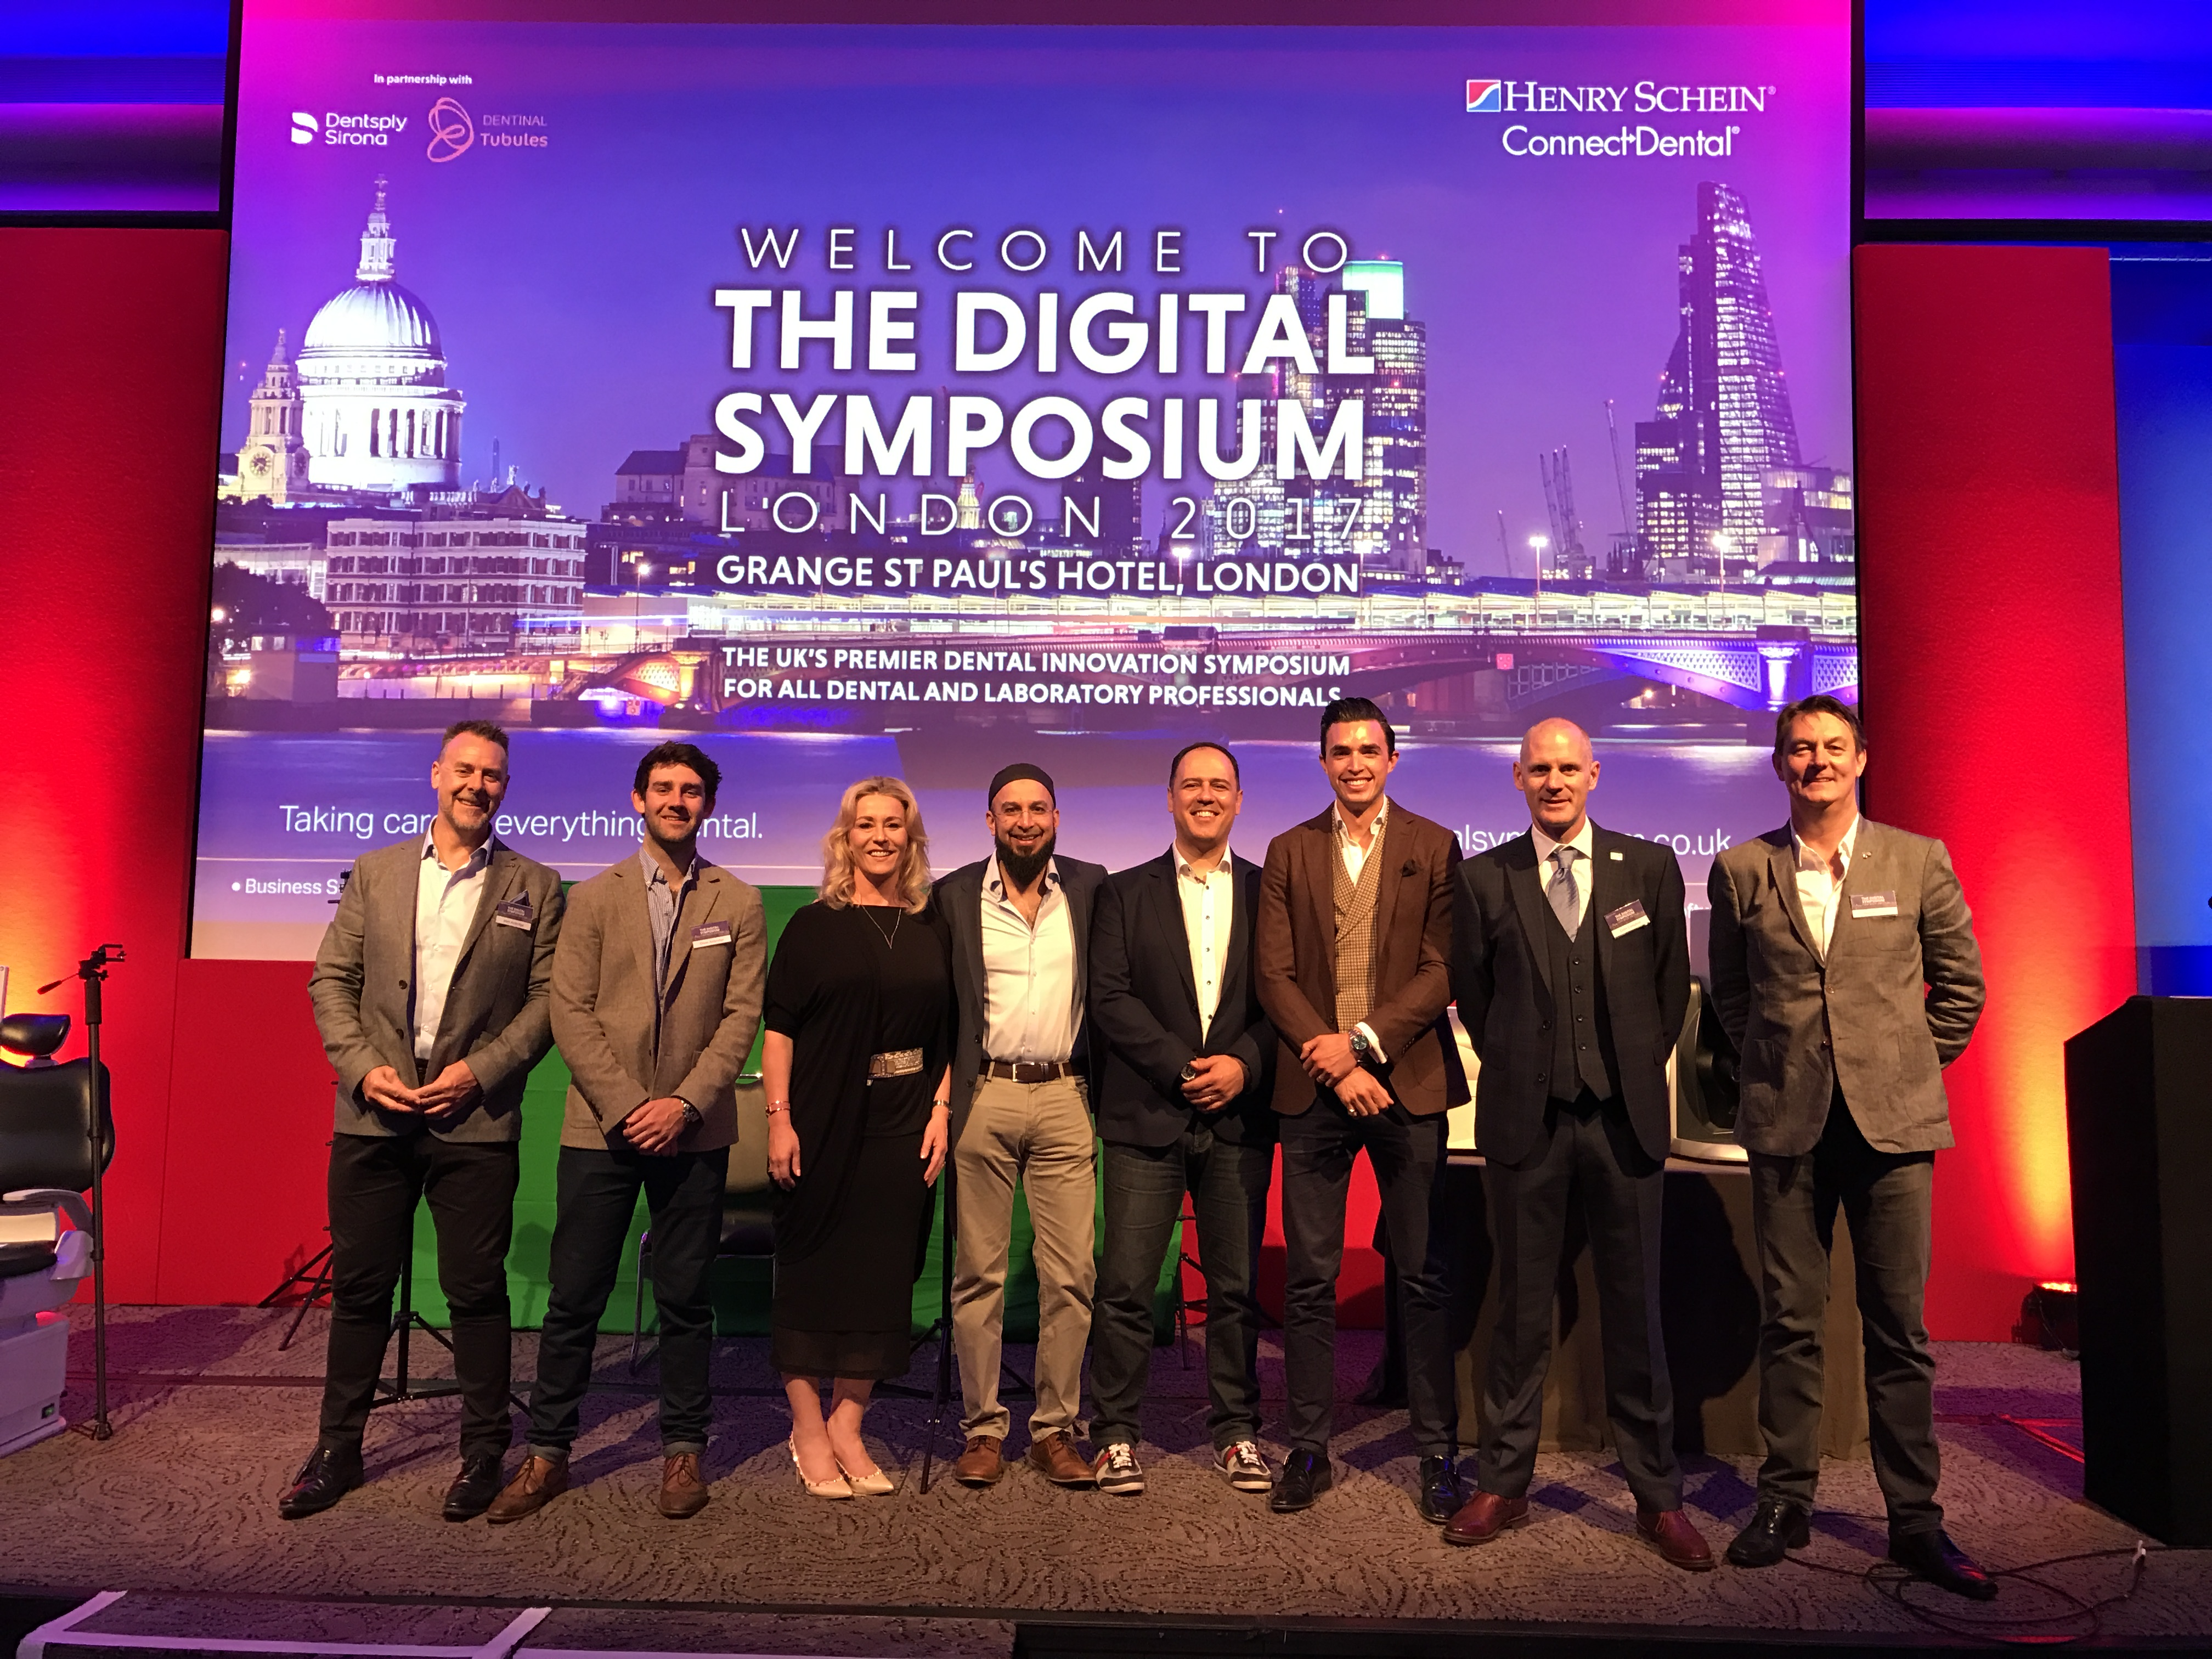 Henry Schein ConnectDental Digital Symposium – Another Huge Success